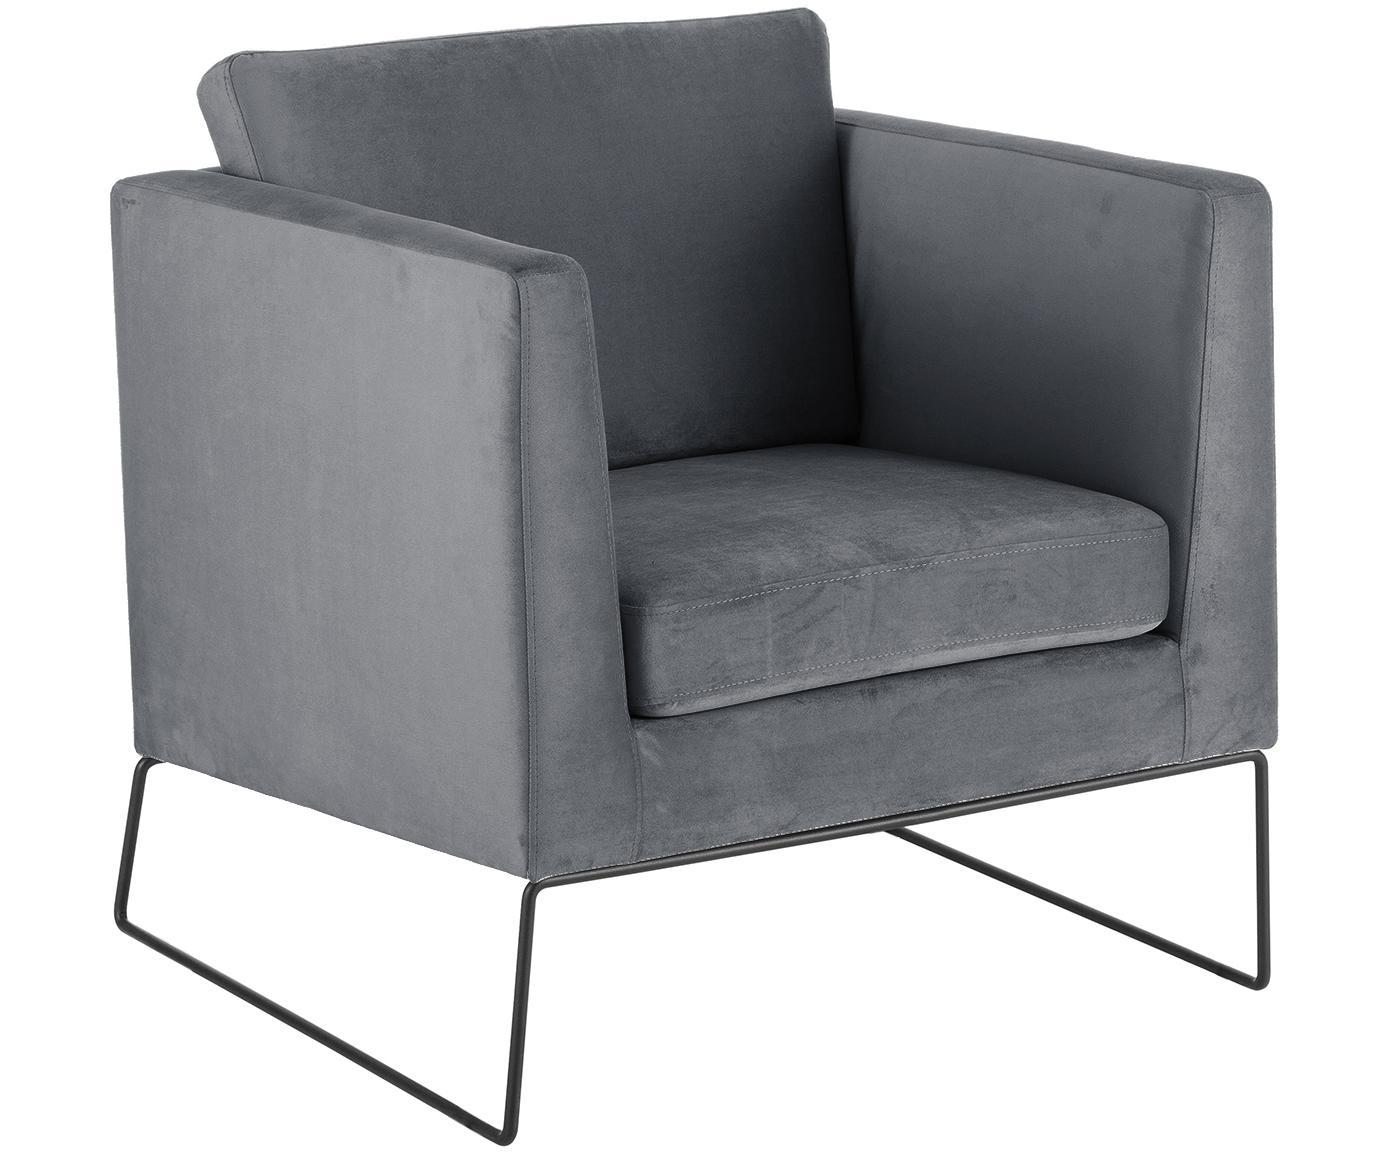 Klassischer Samt-Sessel Milo in Grau, Bezug: Samt (hochwertiger Polyes, Gestell: Kiefernholz, Beine: Metall, lackiert, Samt Grau, 77 x 75 cm